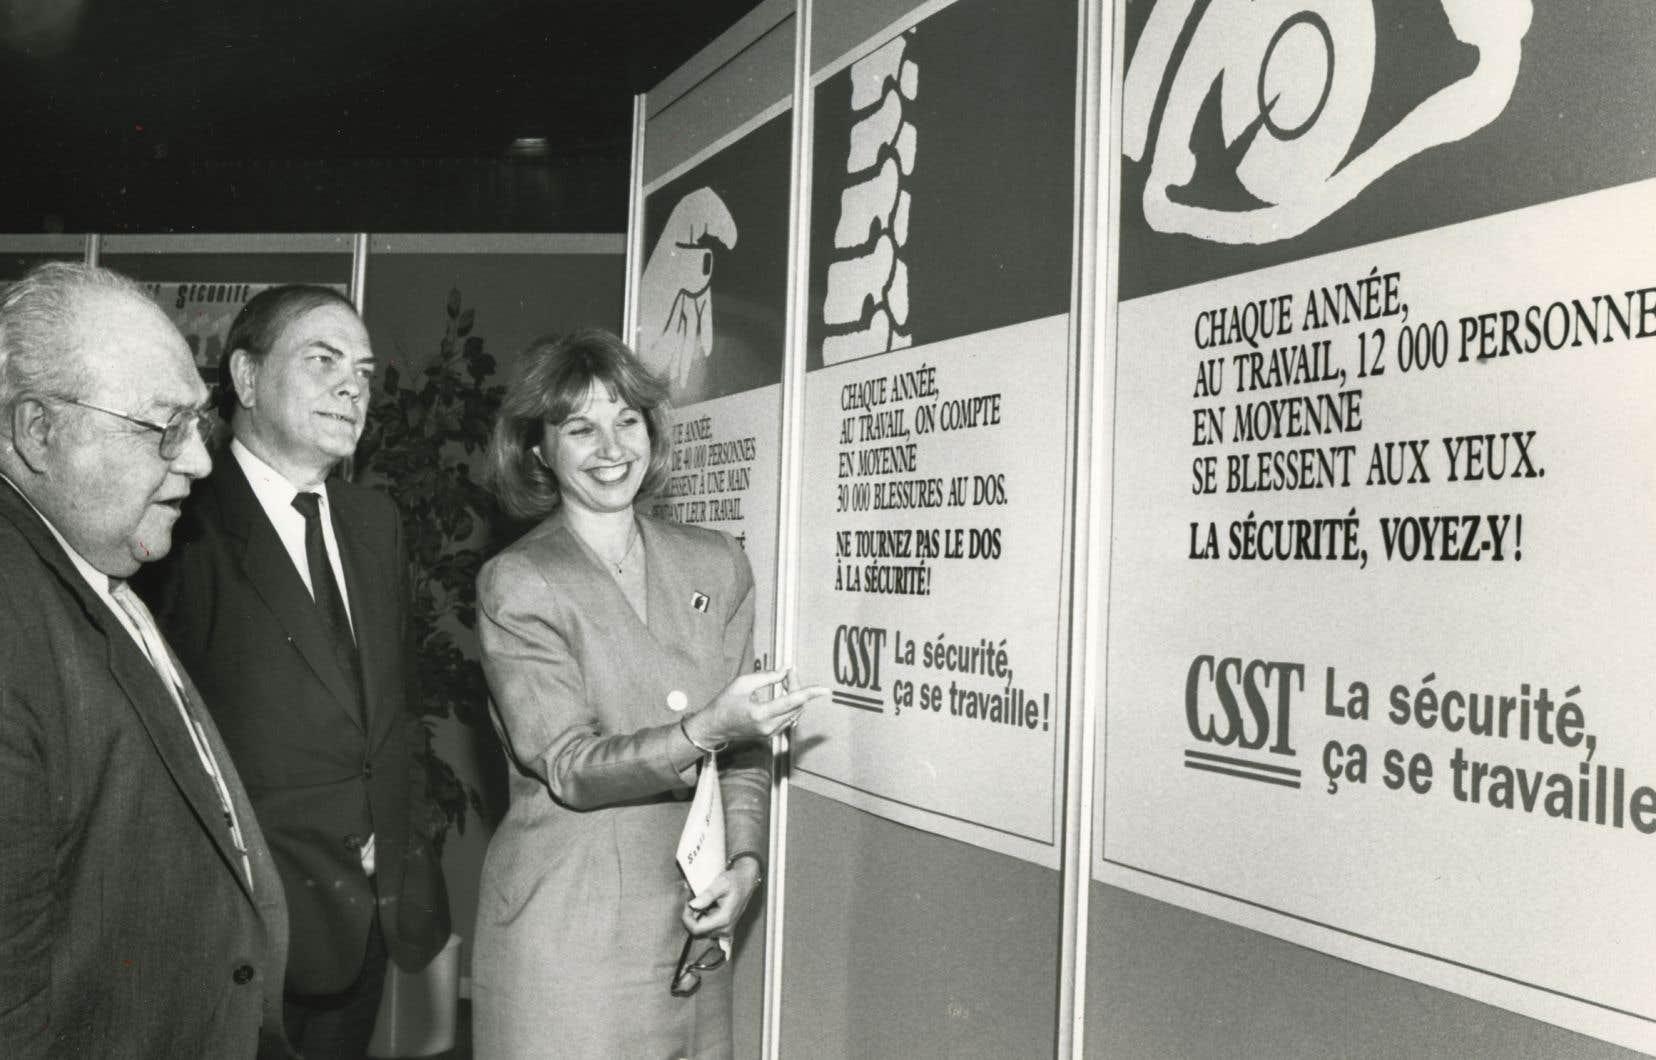 Louis Laberge, Ghislain Dufour et Monique Jérôme-Forget, en octobre 1987. À l'époque, ils étaient respectivement président de la FTQ, président du CPQ et présidente de la CSST.